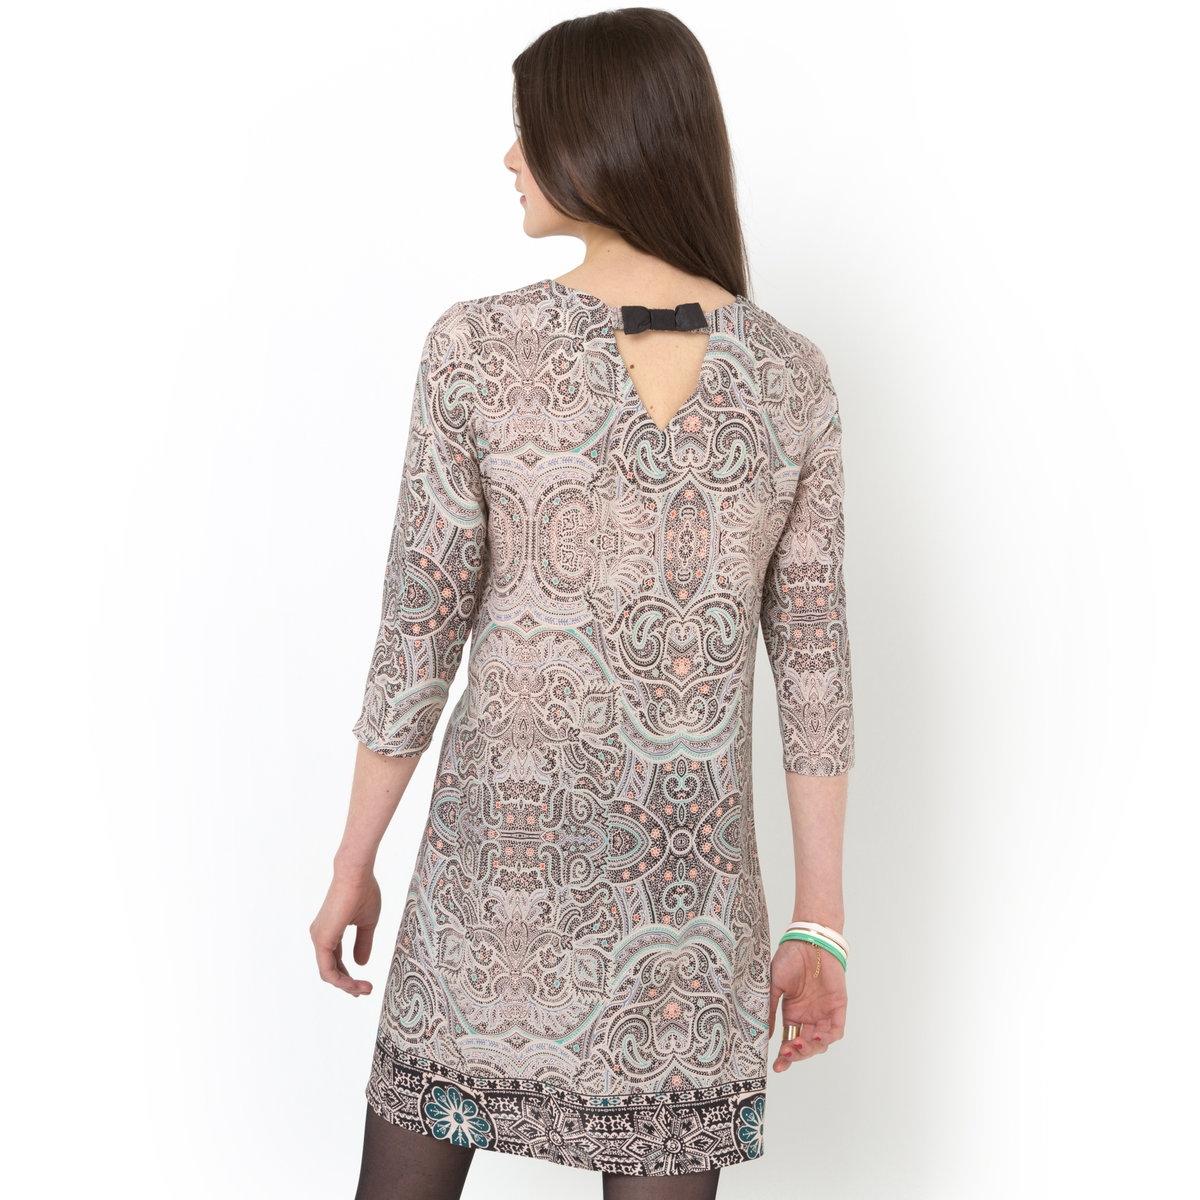 Платье прямого покроя с платочным рисункомПлатье прямое из 100% вискозы. Закругленный вырез. Бантик из искусственной кожи на спинке. Рукава 3/4. Длина 92 см.<br><br>Цвет: рисунок пейсли<br>Размер: 38 (FR) - 44 (RUS)